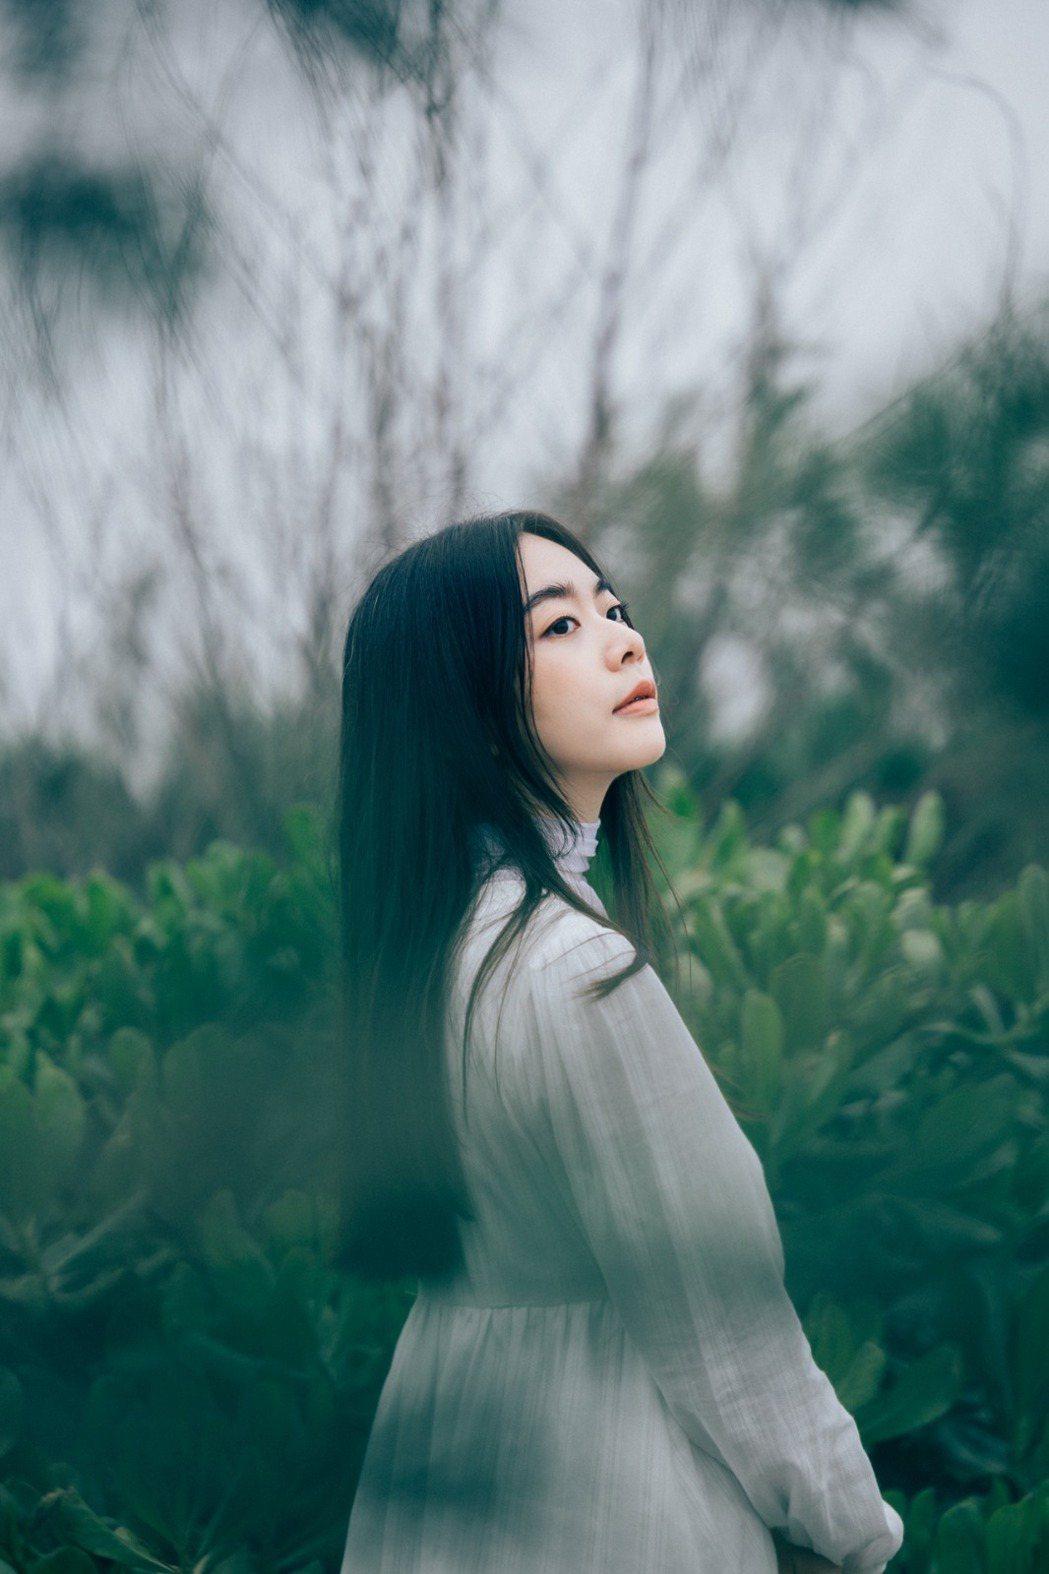 徐靖玟仙氣飄飄,以迷人嗓音詮釋愛情的迷惘。圖/華研國際提供